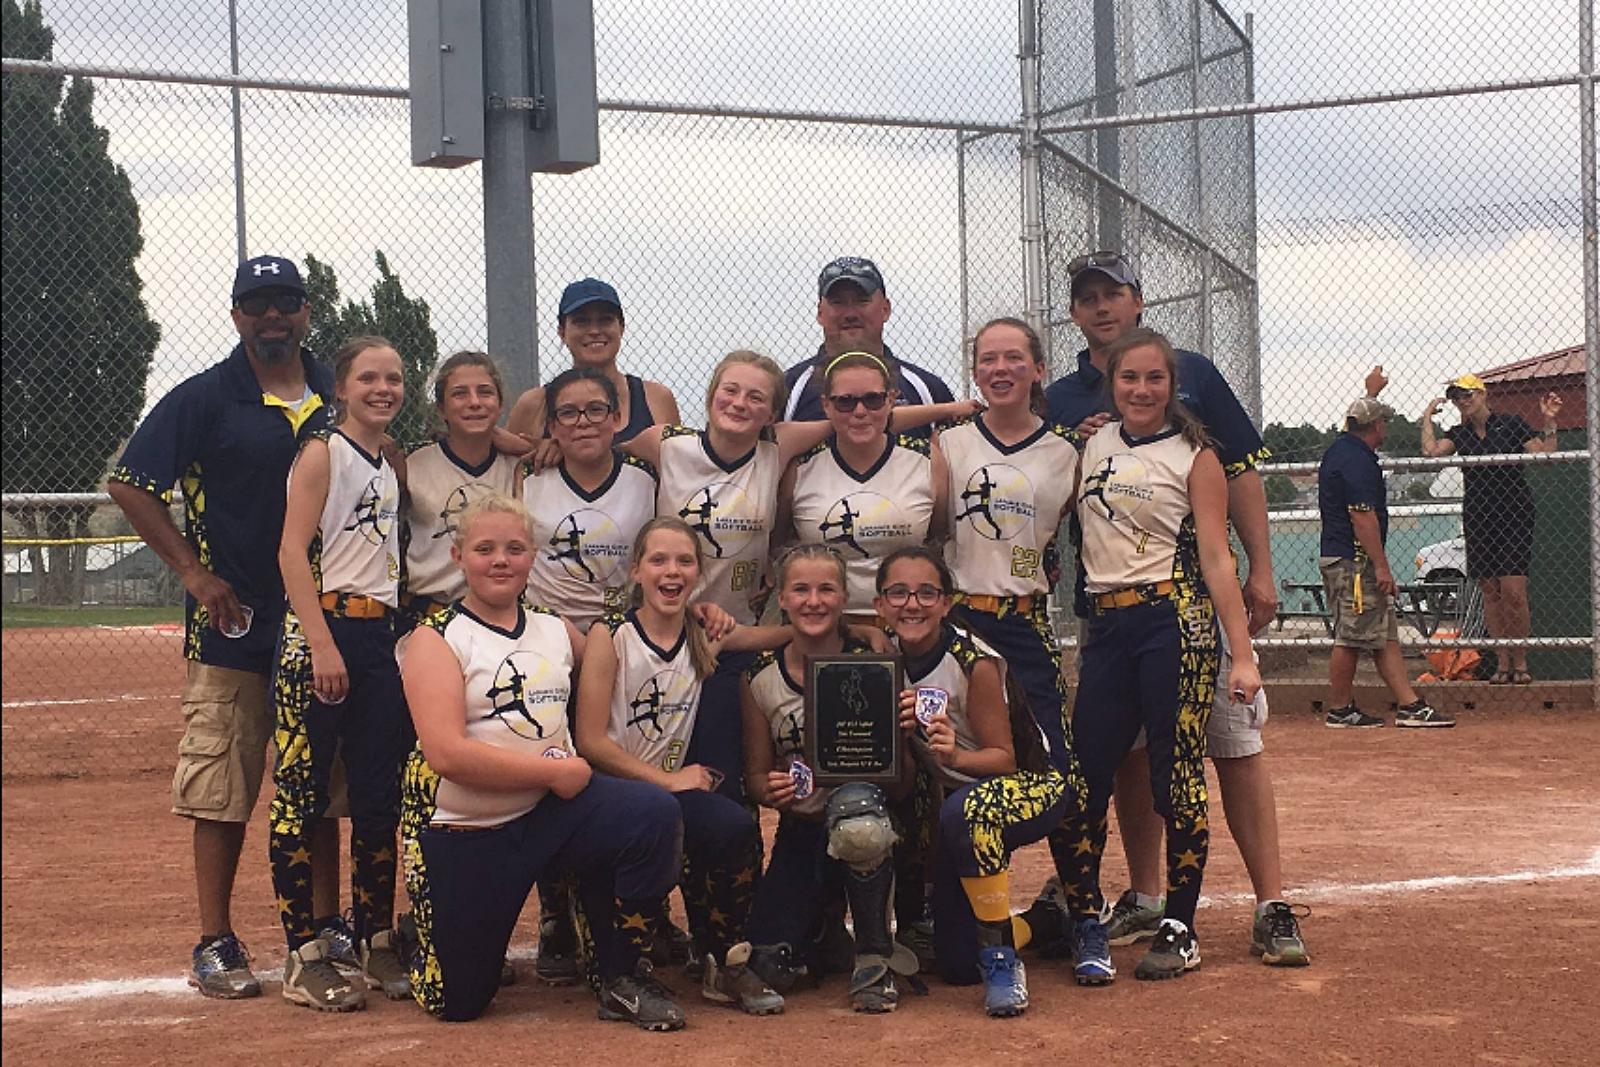 LGS, Fastpitch Softball, 12U State Champs, 2017